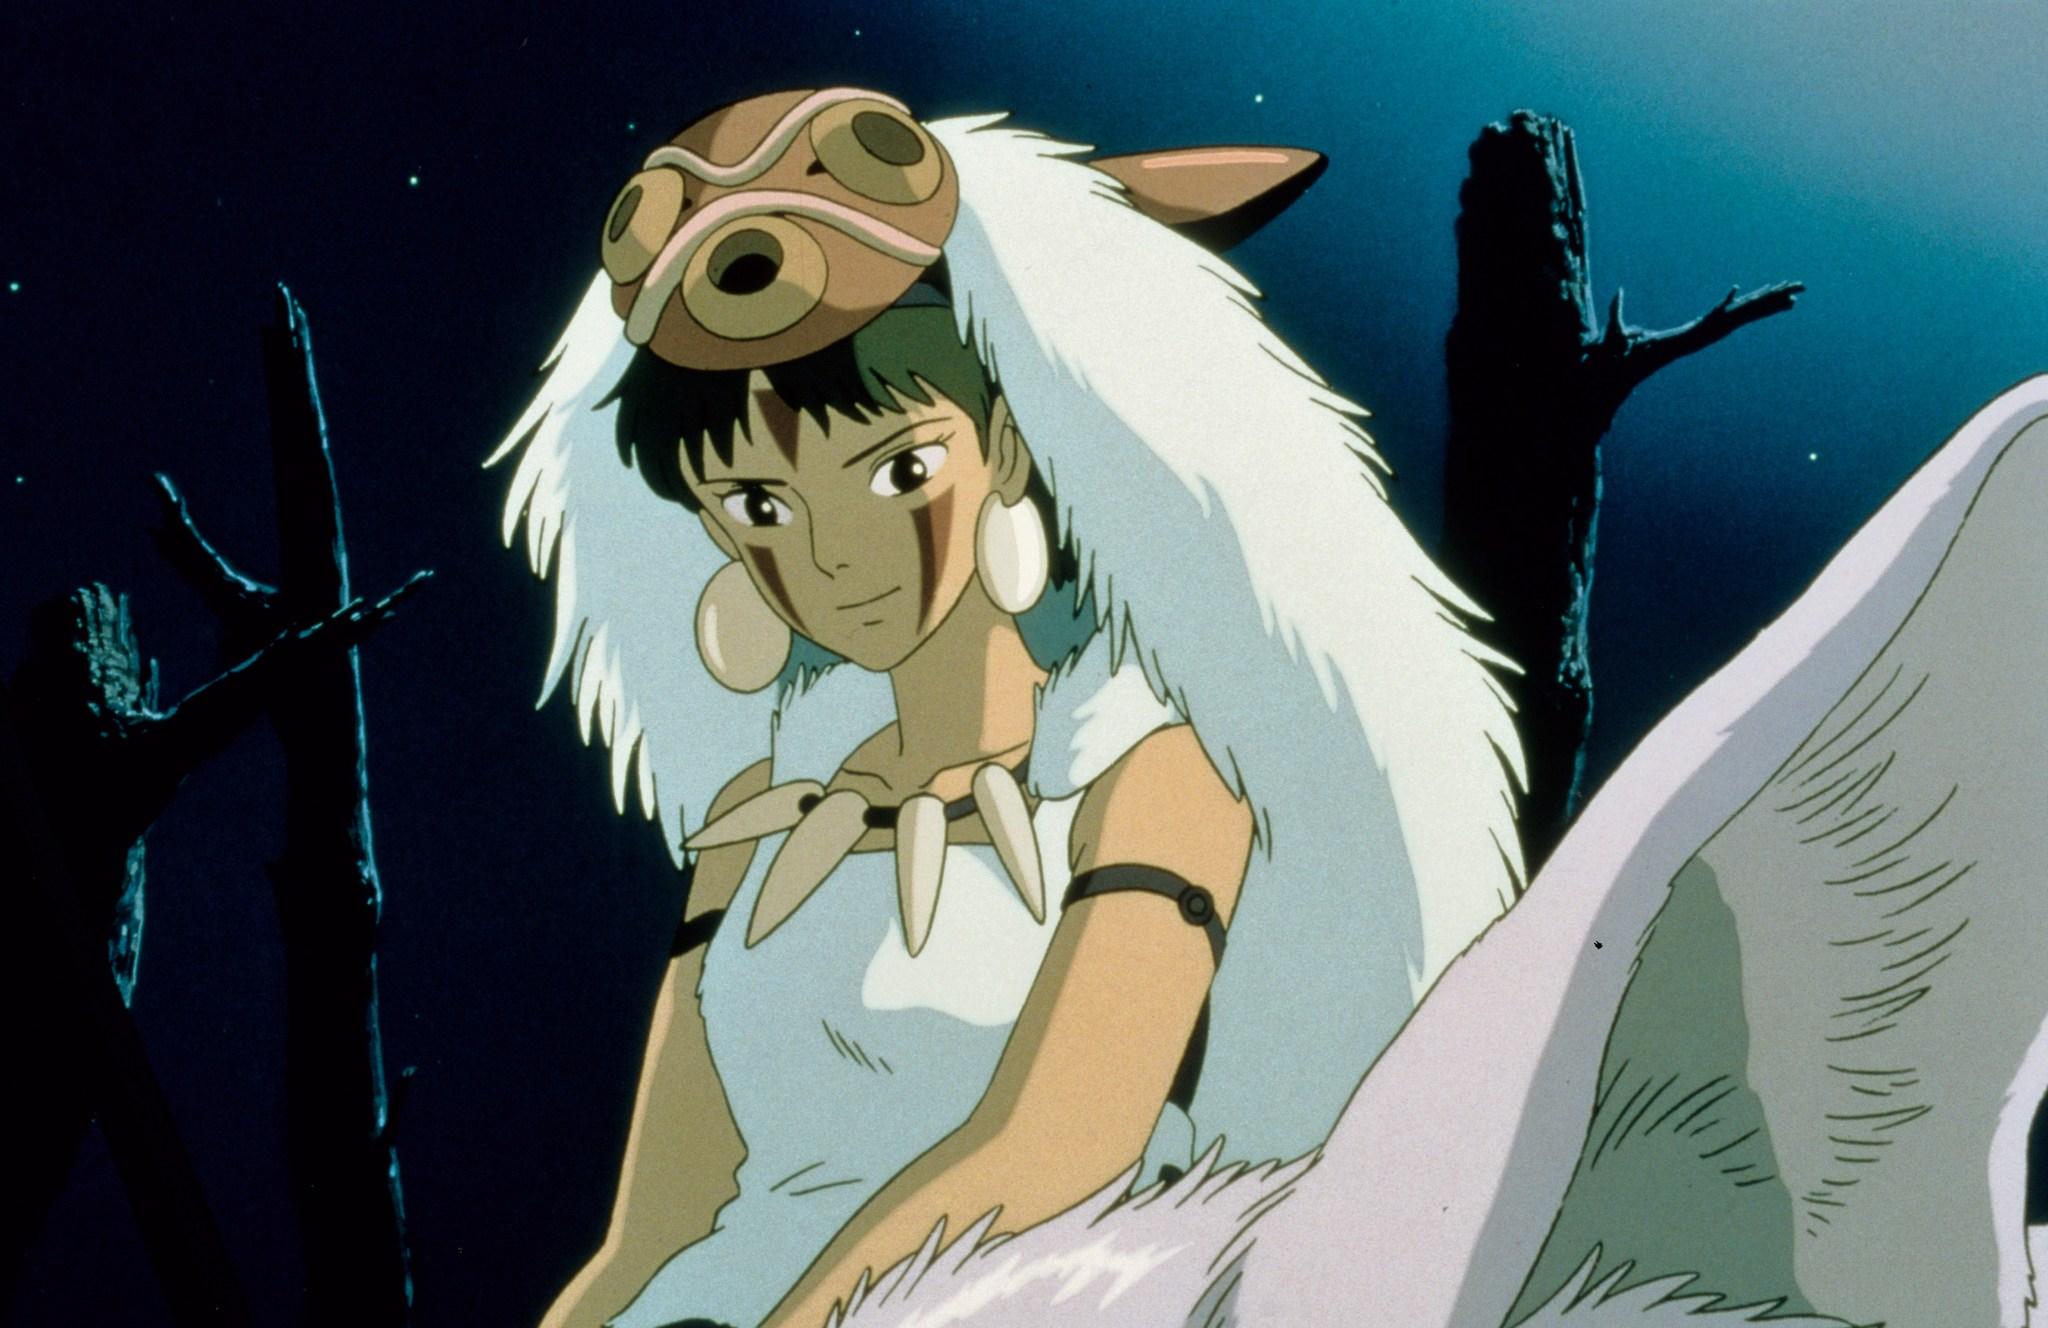 Suzie Princess Mononoke